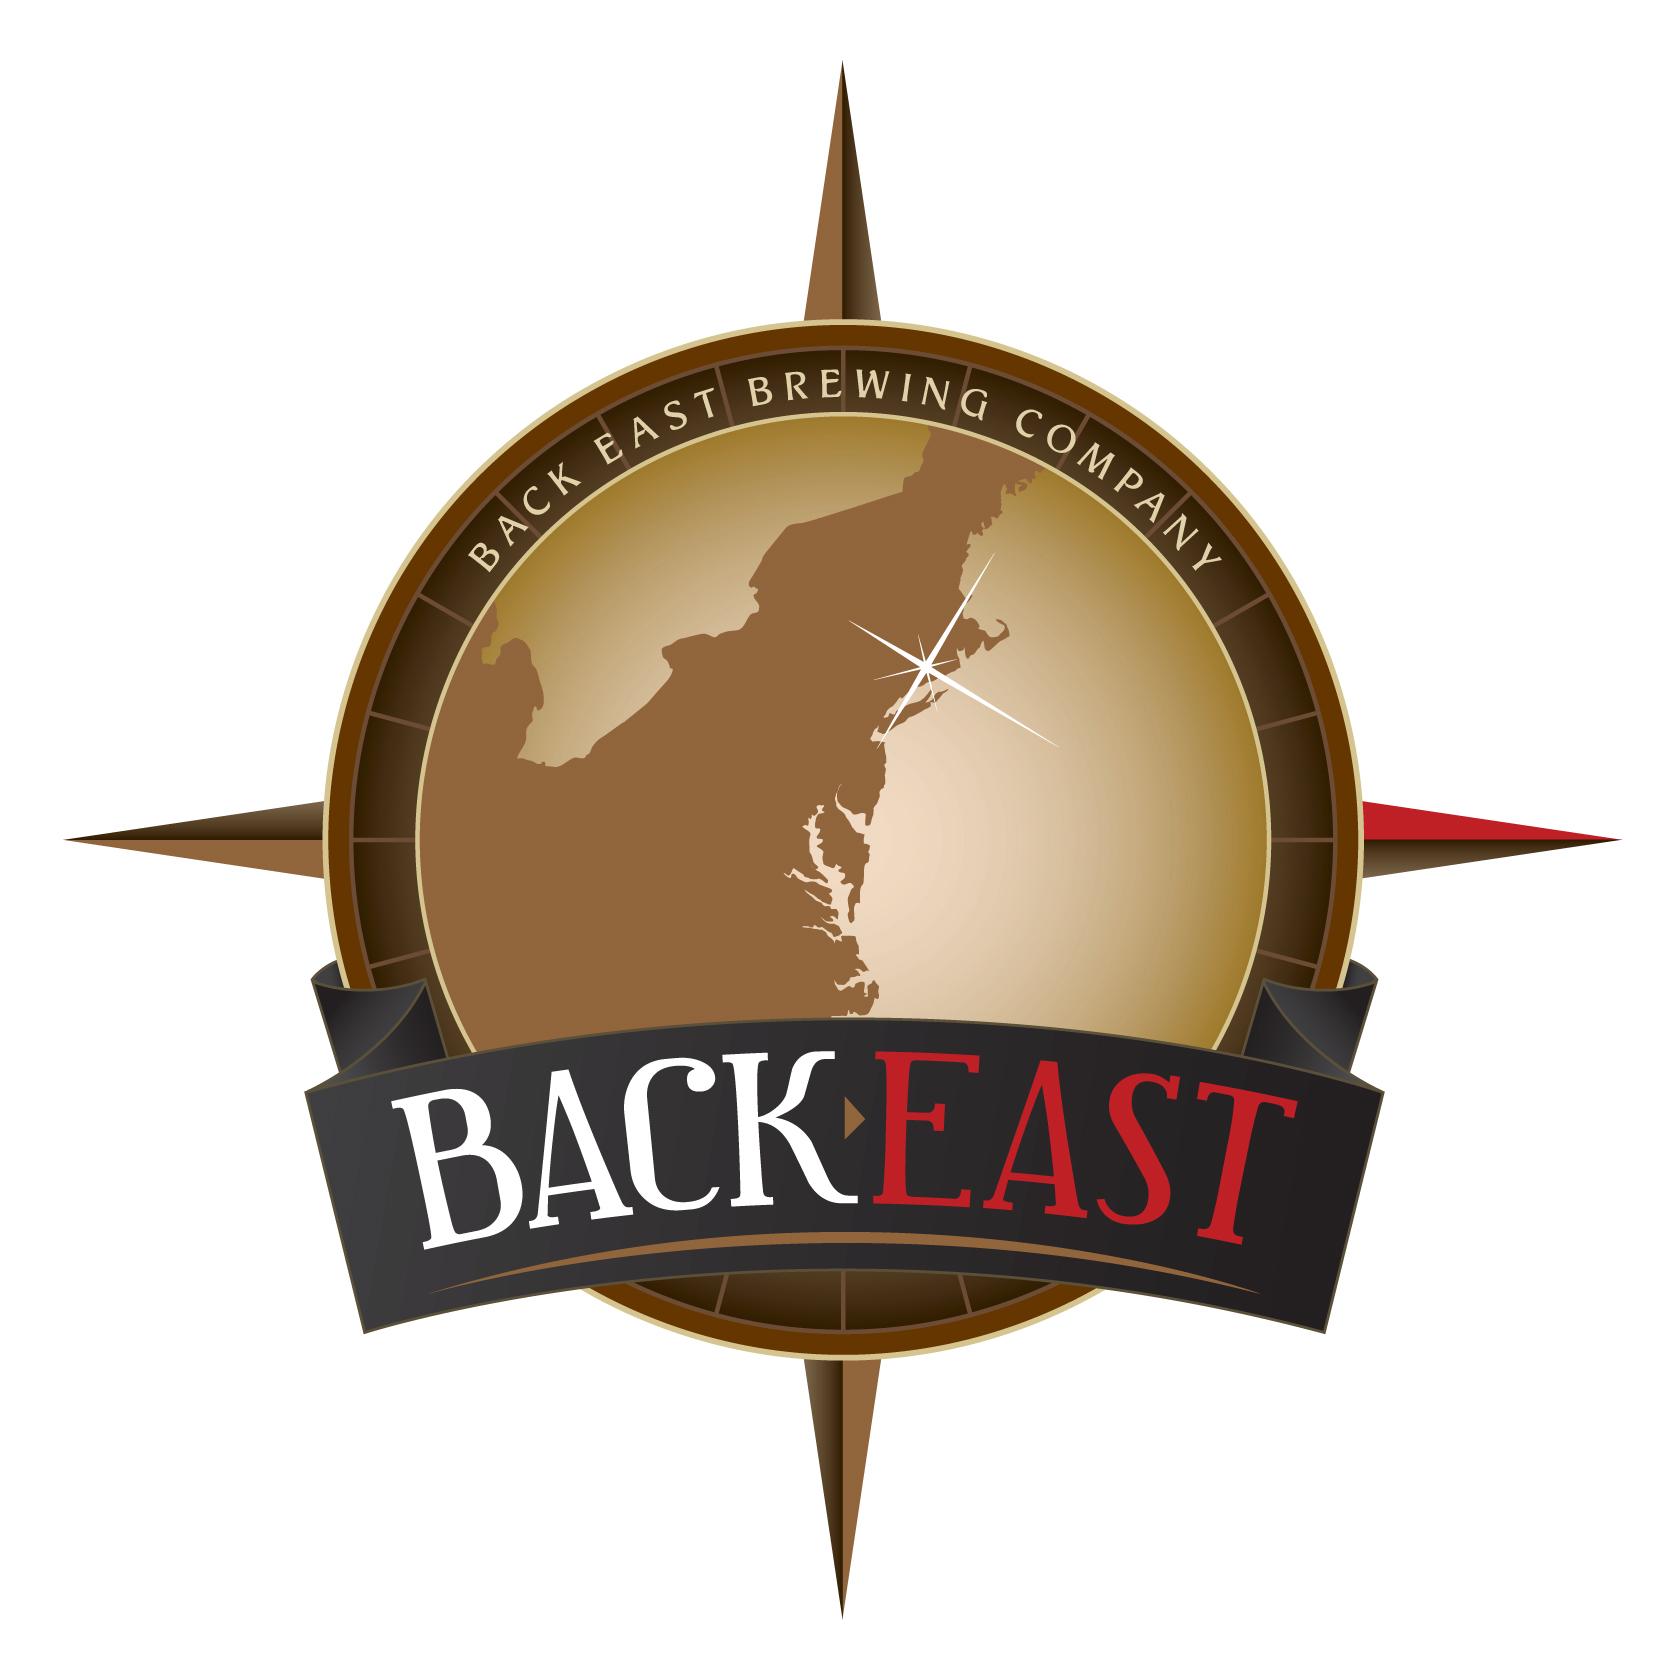 BackEast_companylogo_300dpi